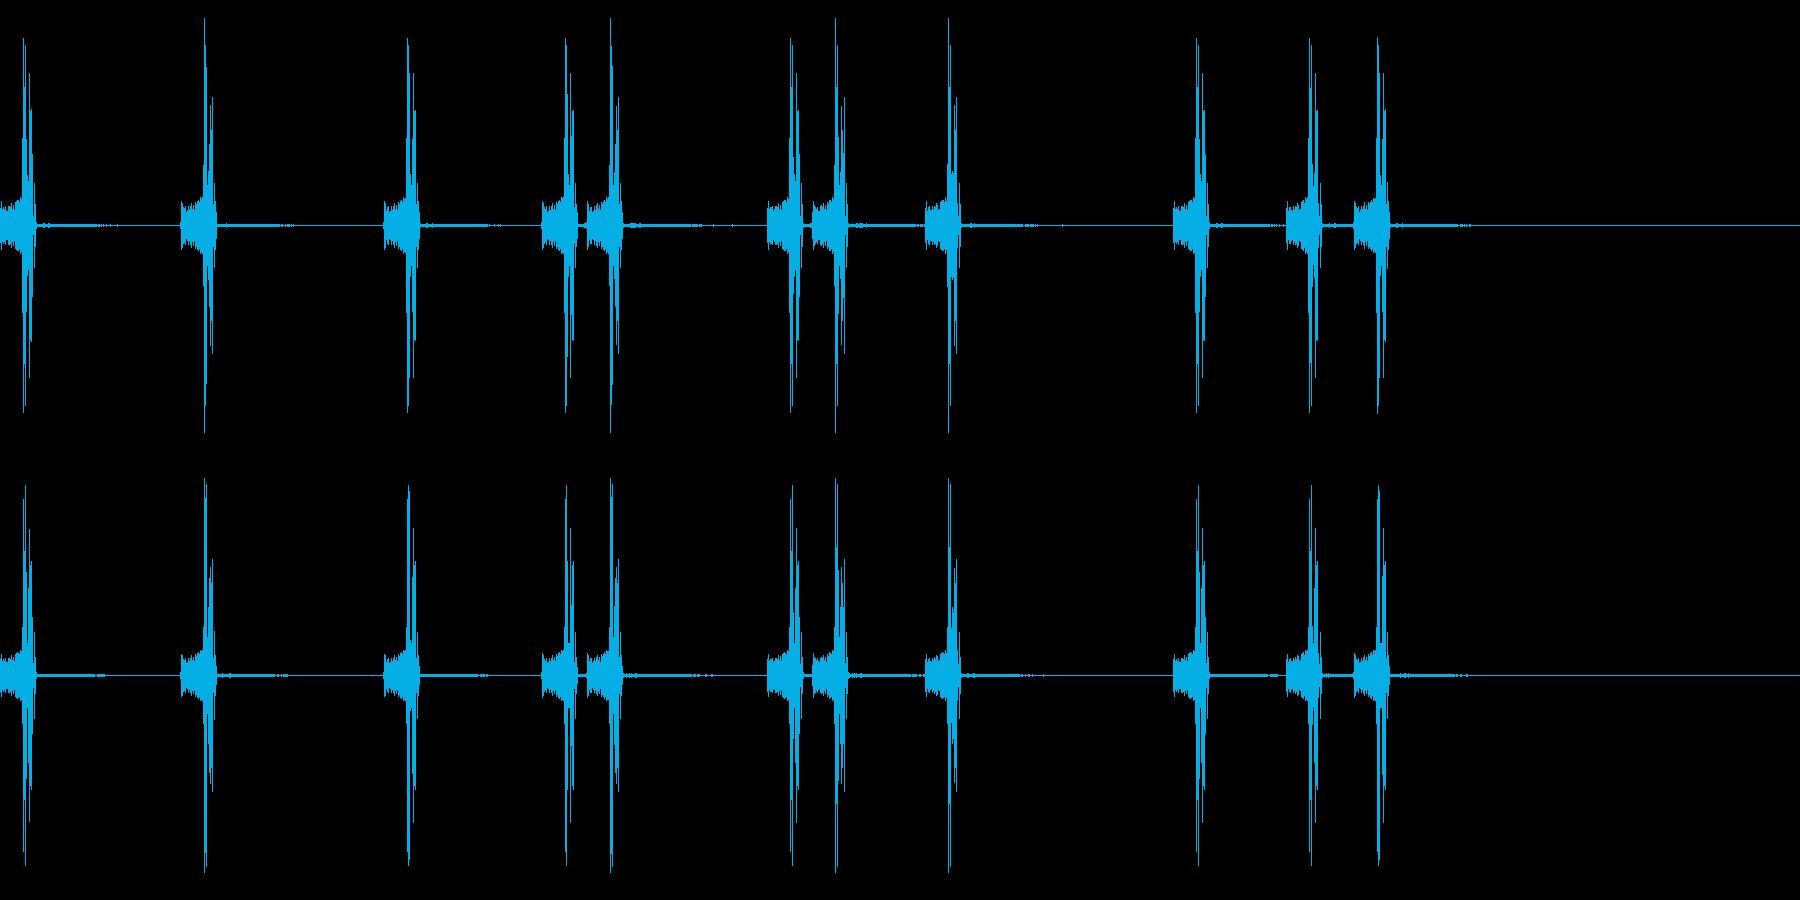 カメラのシャッター音1 の再生済みの波形